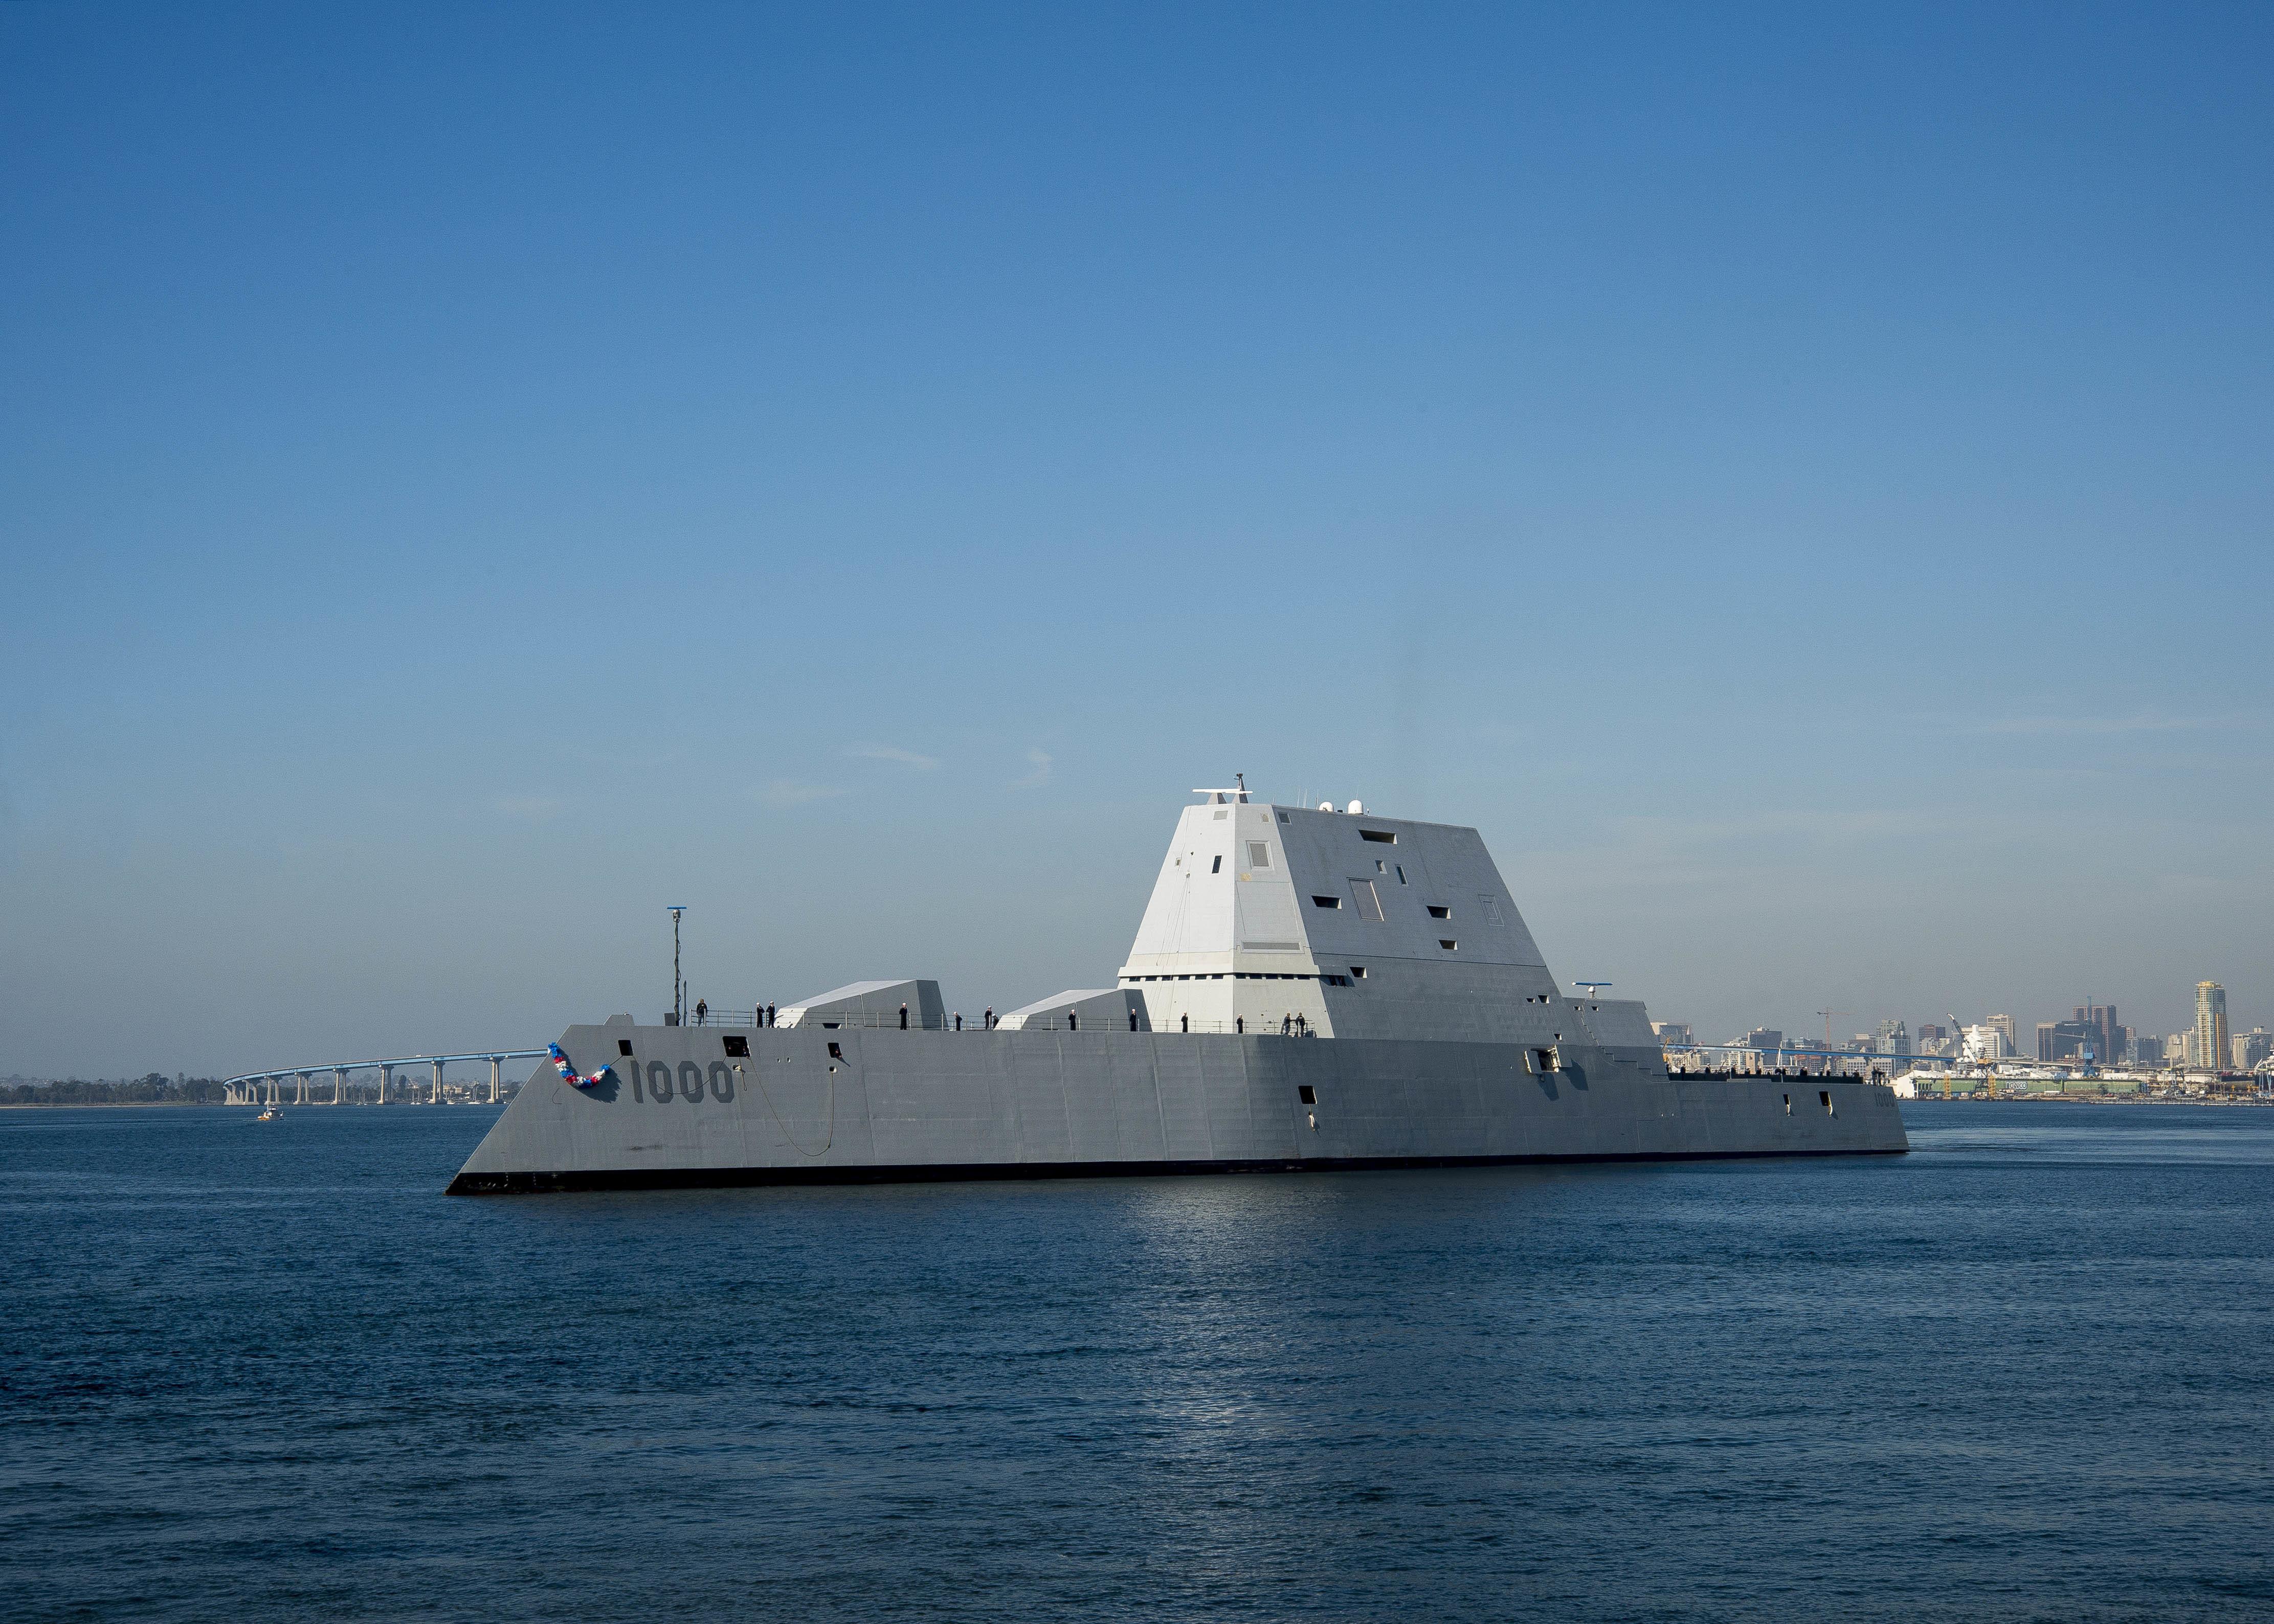 DDG-1000 Zumwalt le nouveau joujou de la marine américaine ! - Page 2 30698866794_63b4f4e2d5_o